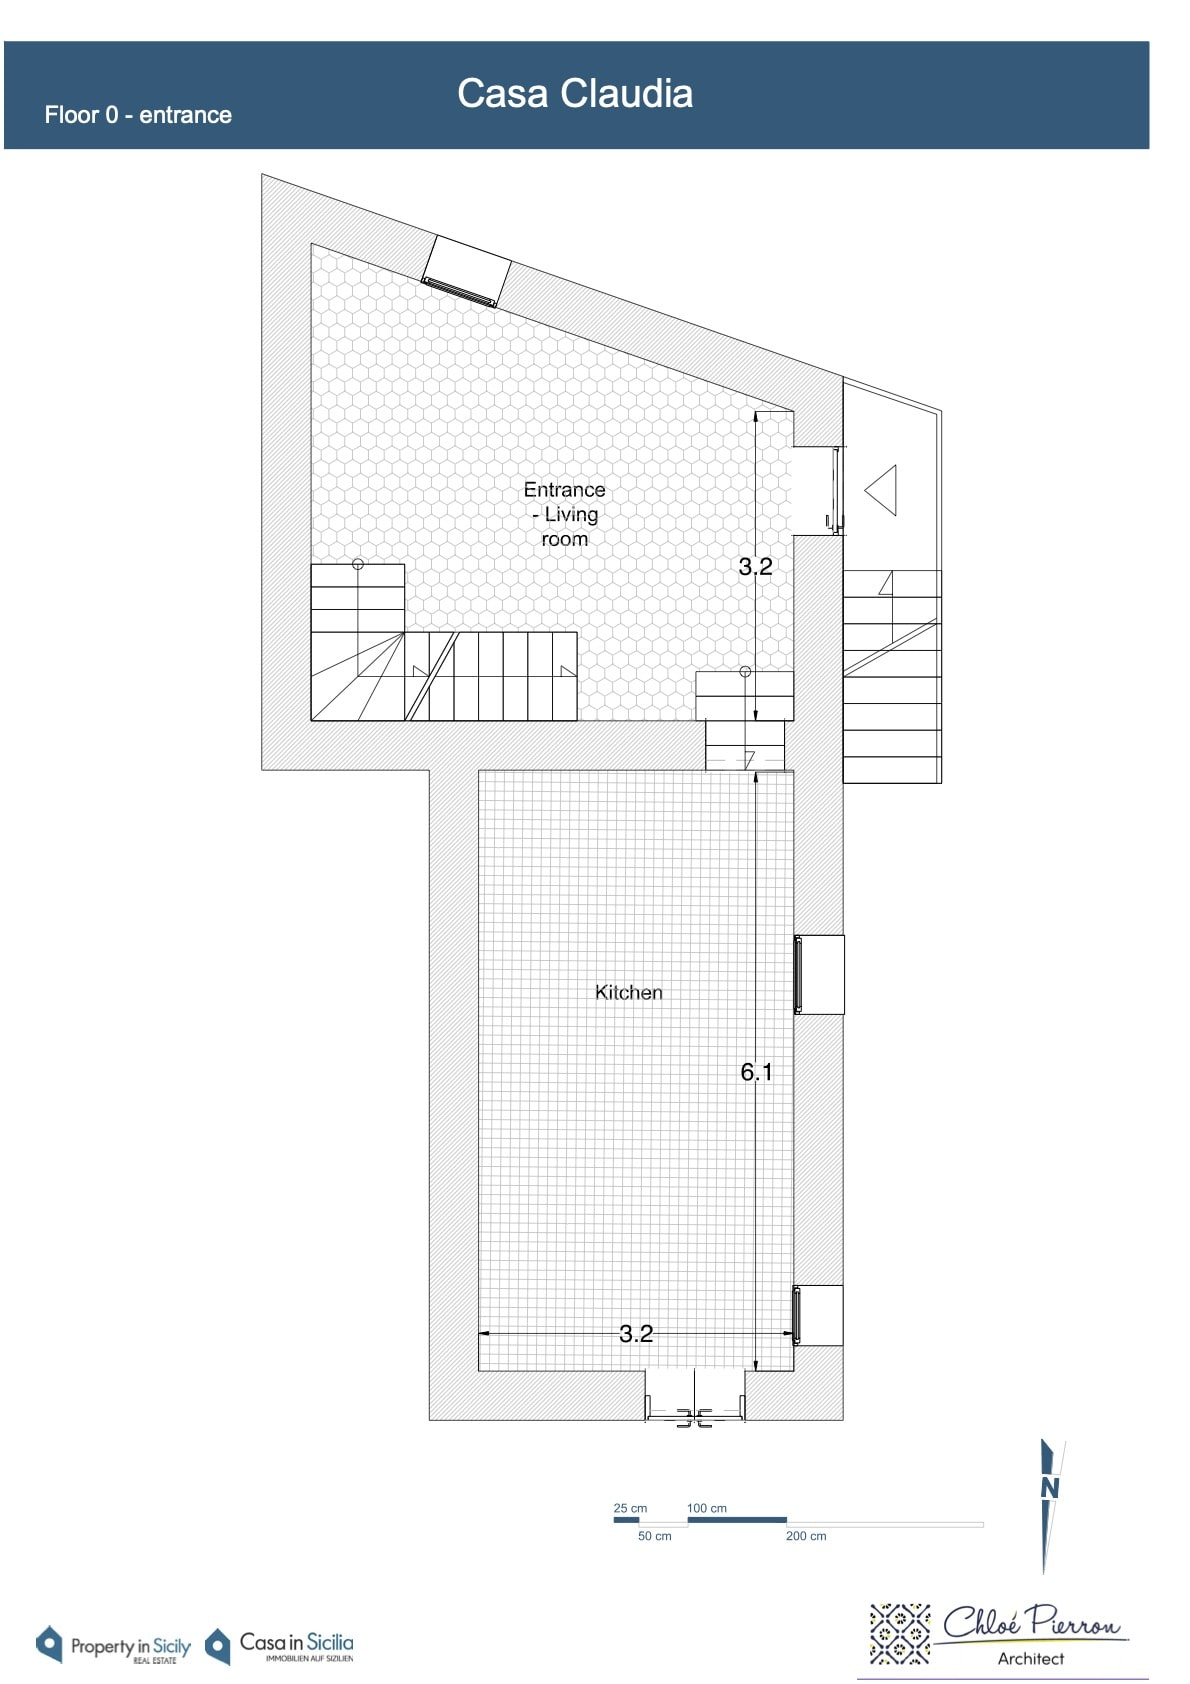 Ebene 0 - Eingang